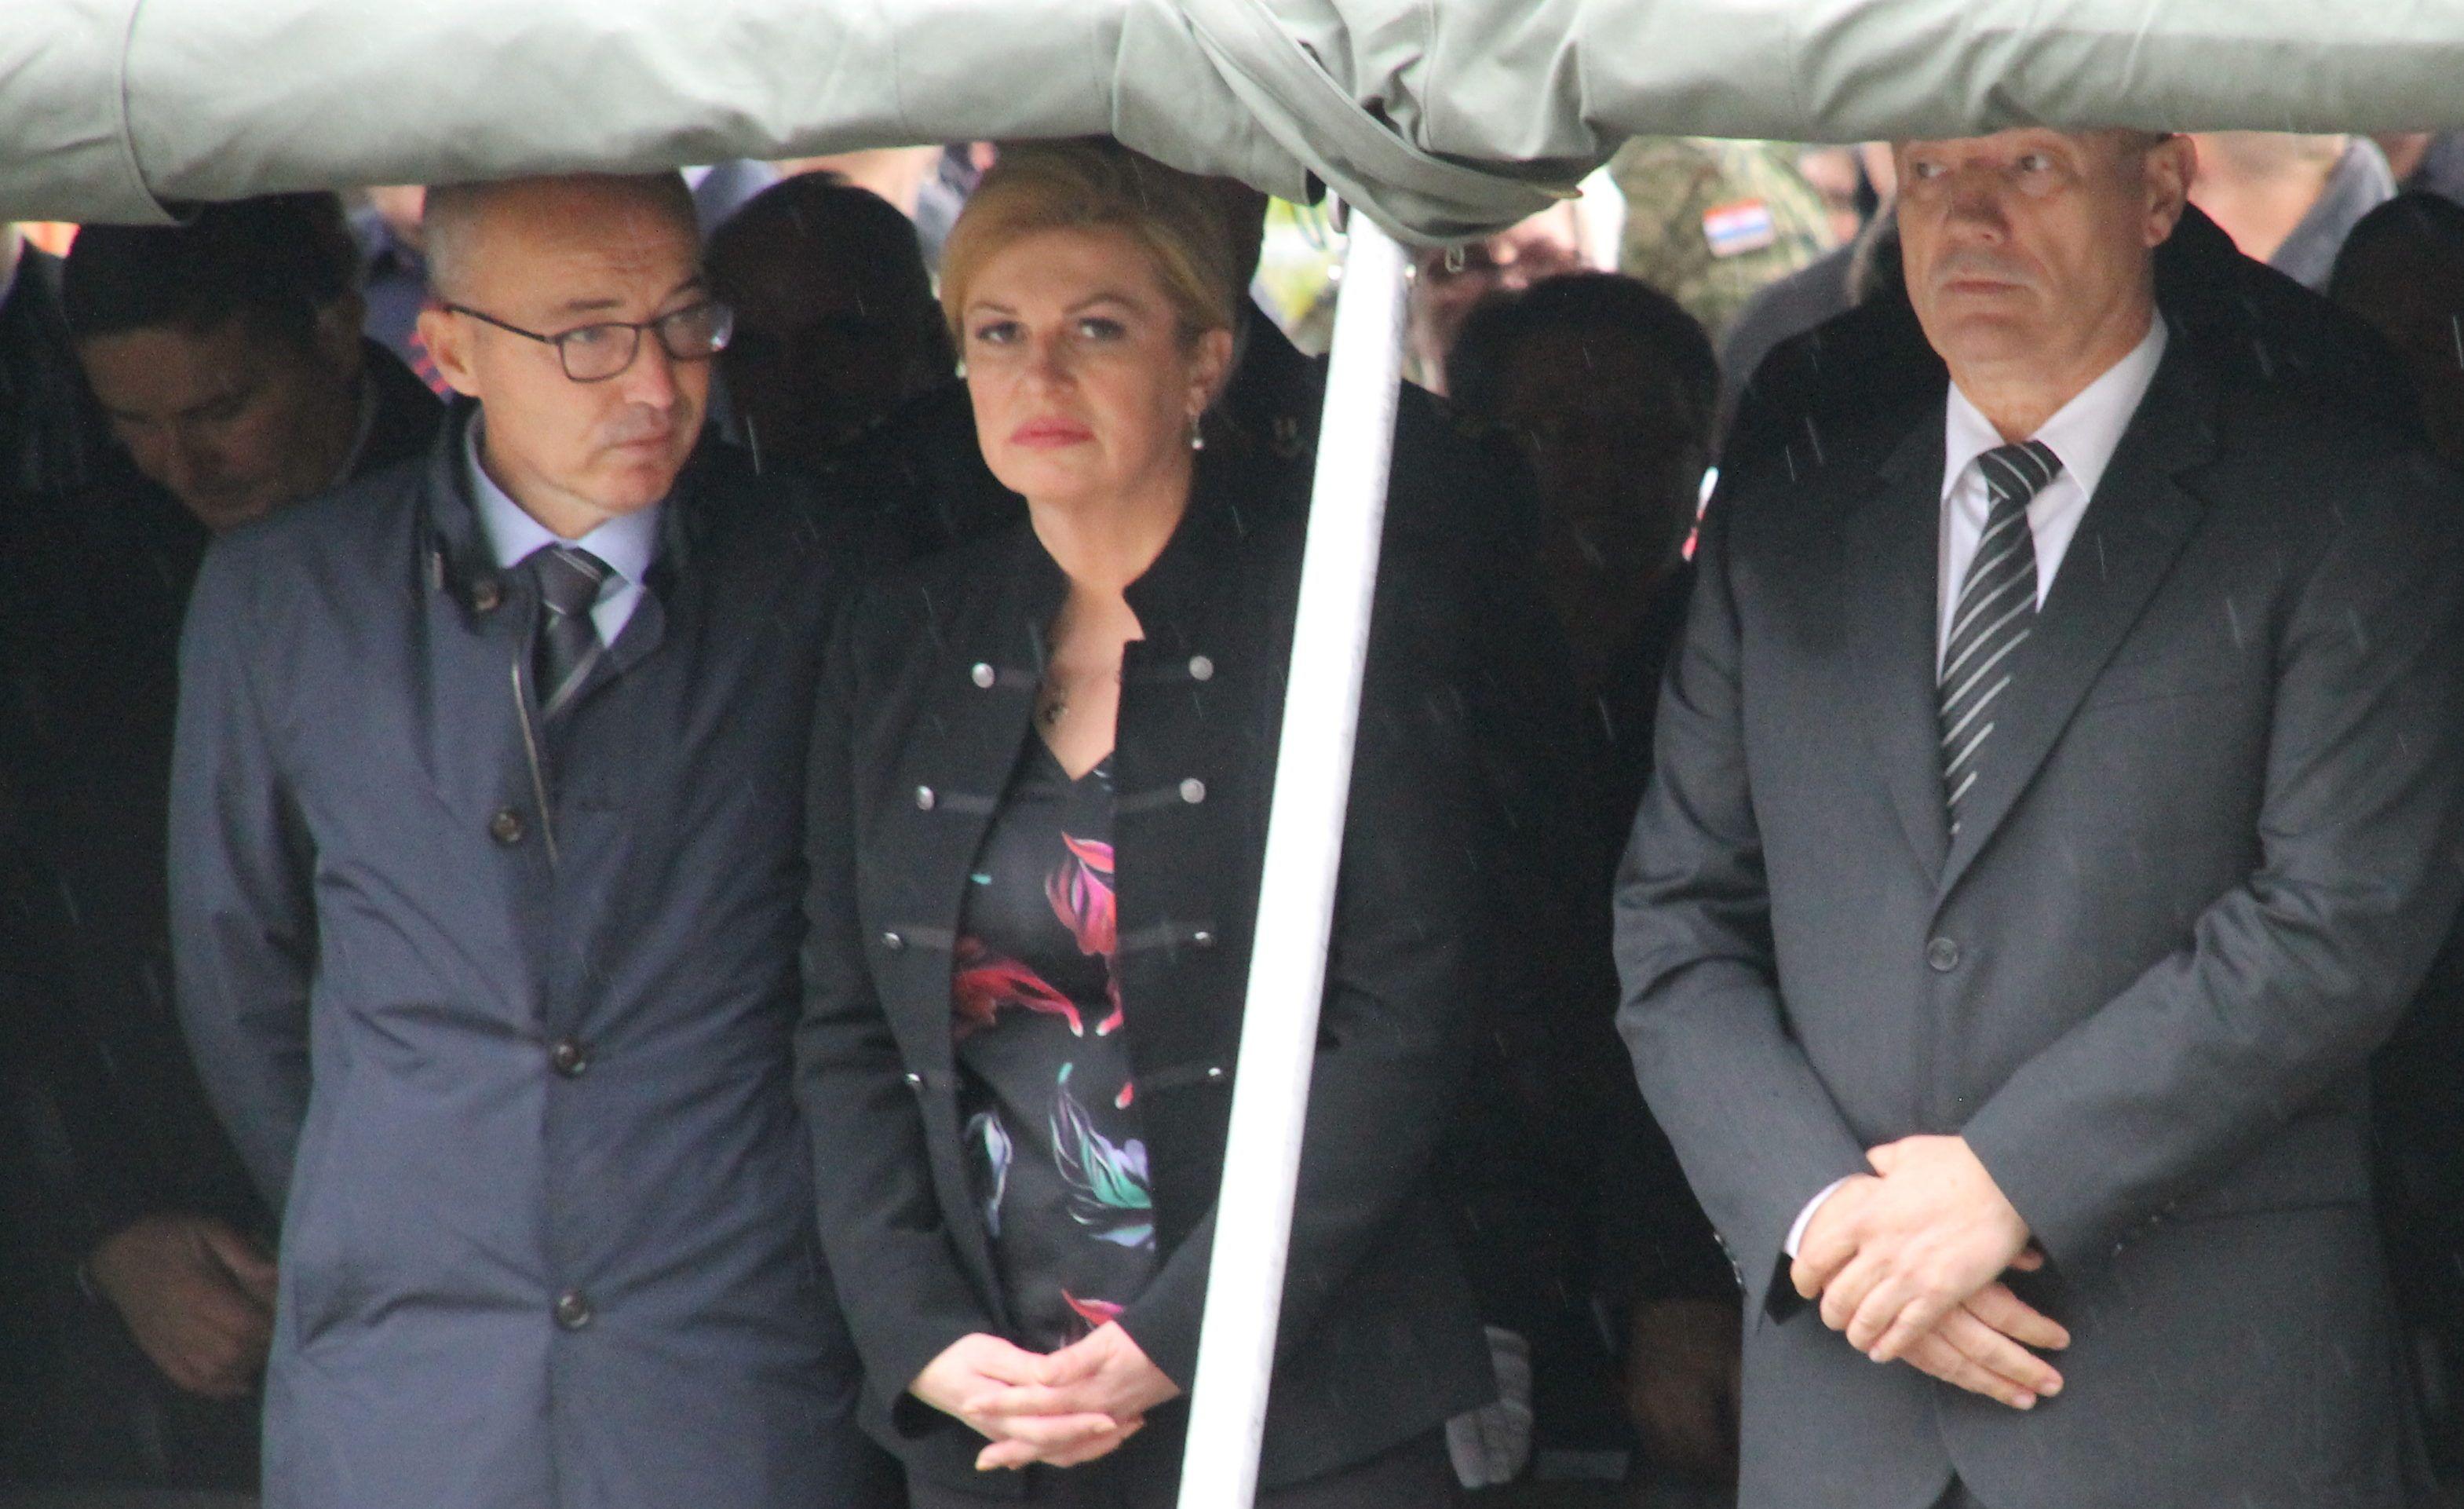 Predsjednica Grabar-Kitarović još 2016. predlagala angažman vojske na hrvatskim granicama